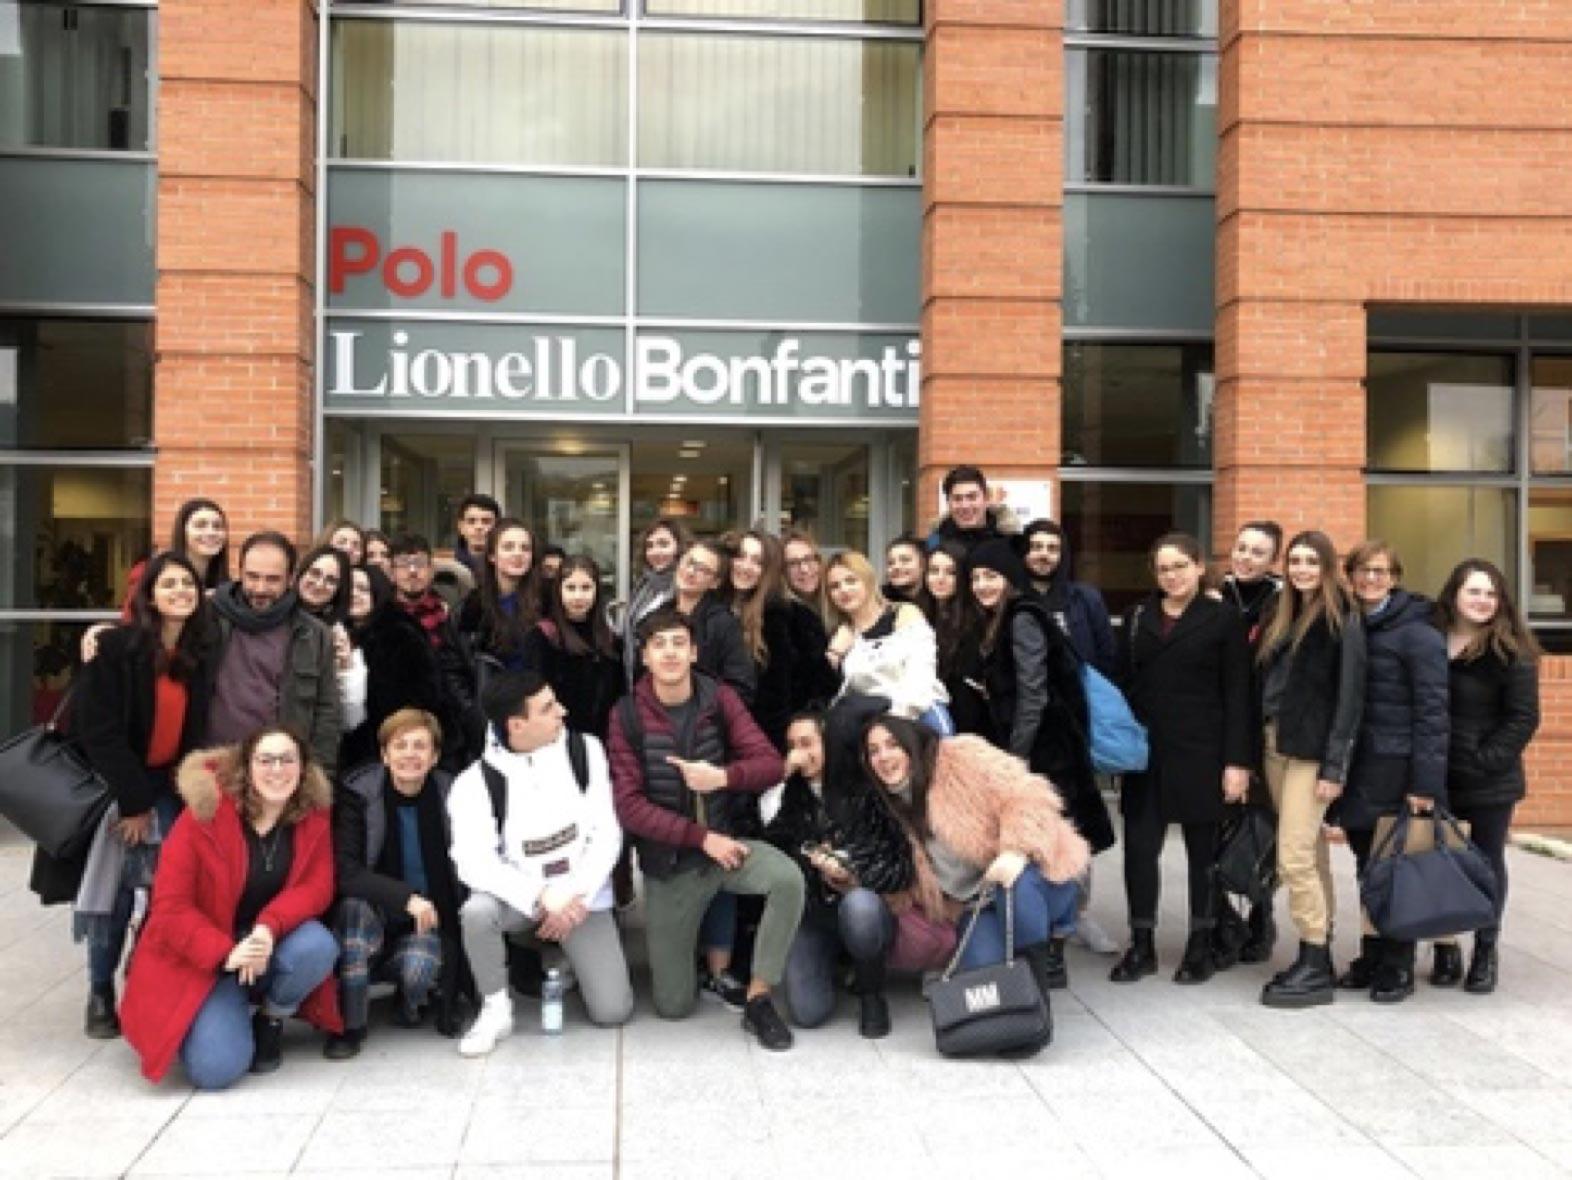 Foto di gruppo di una scolaresca davanti all'ingresso del Polo Lionello Bonfanti